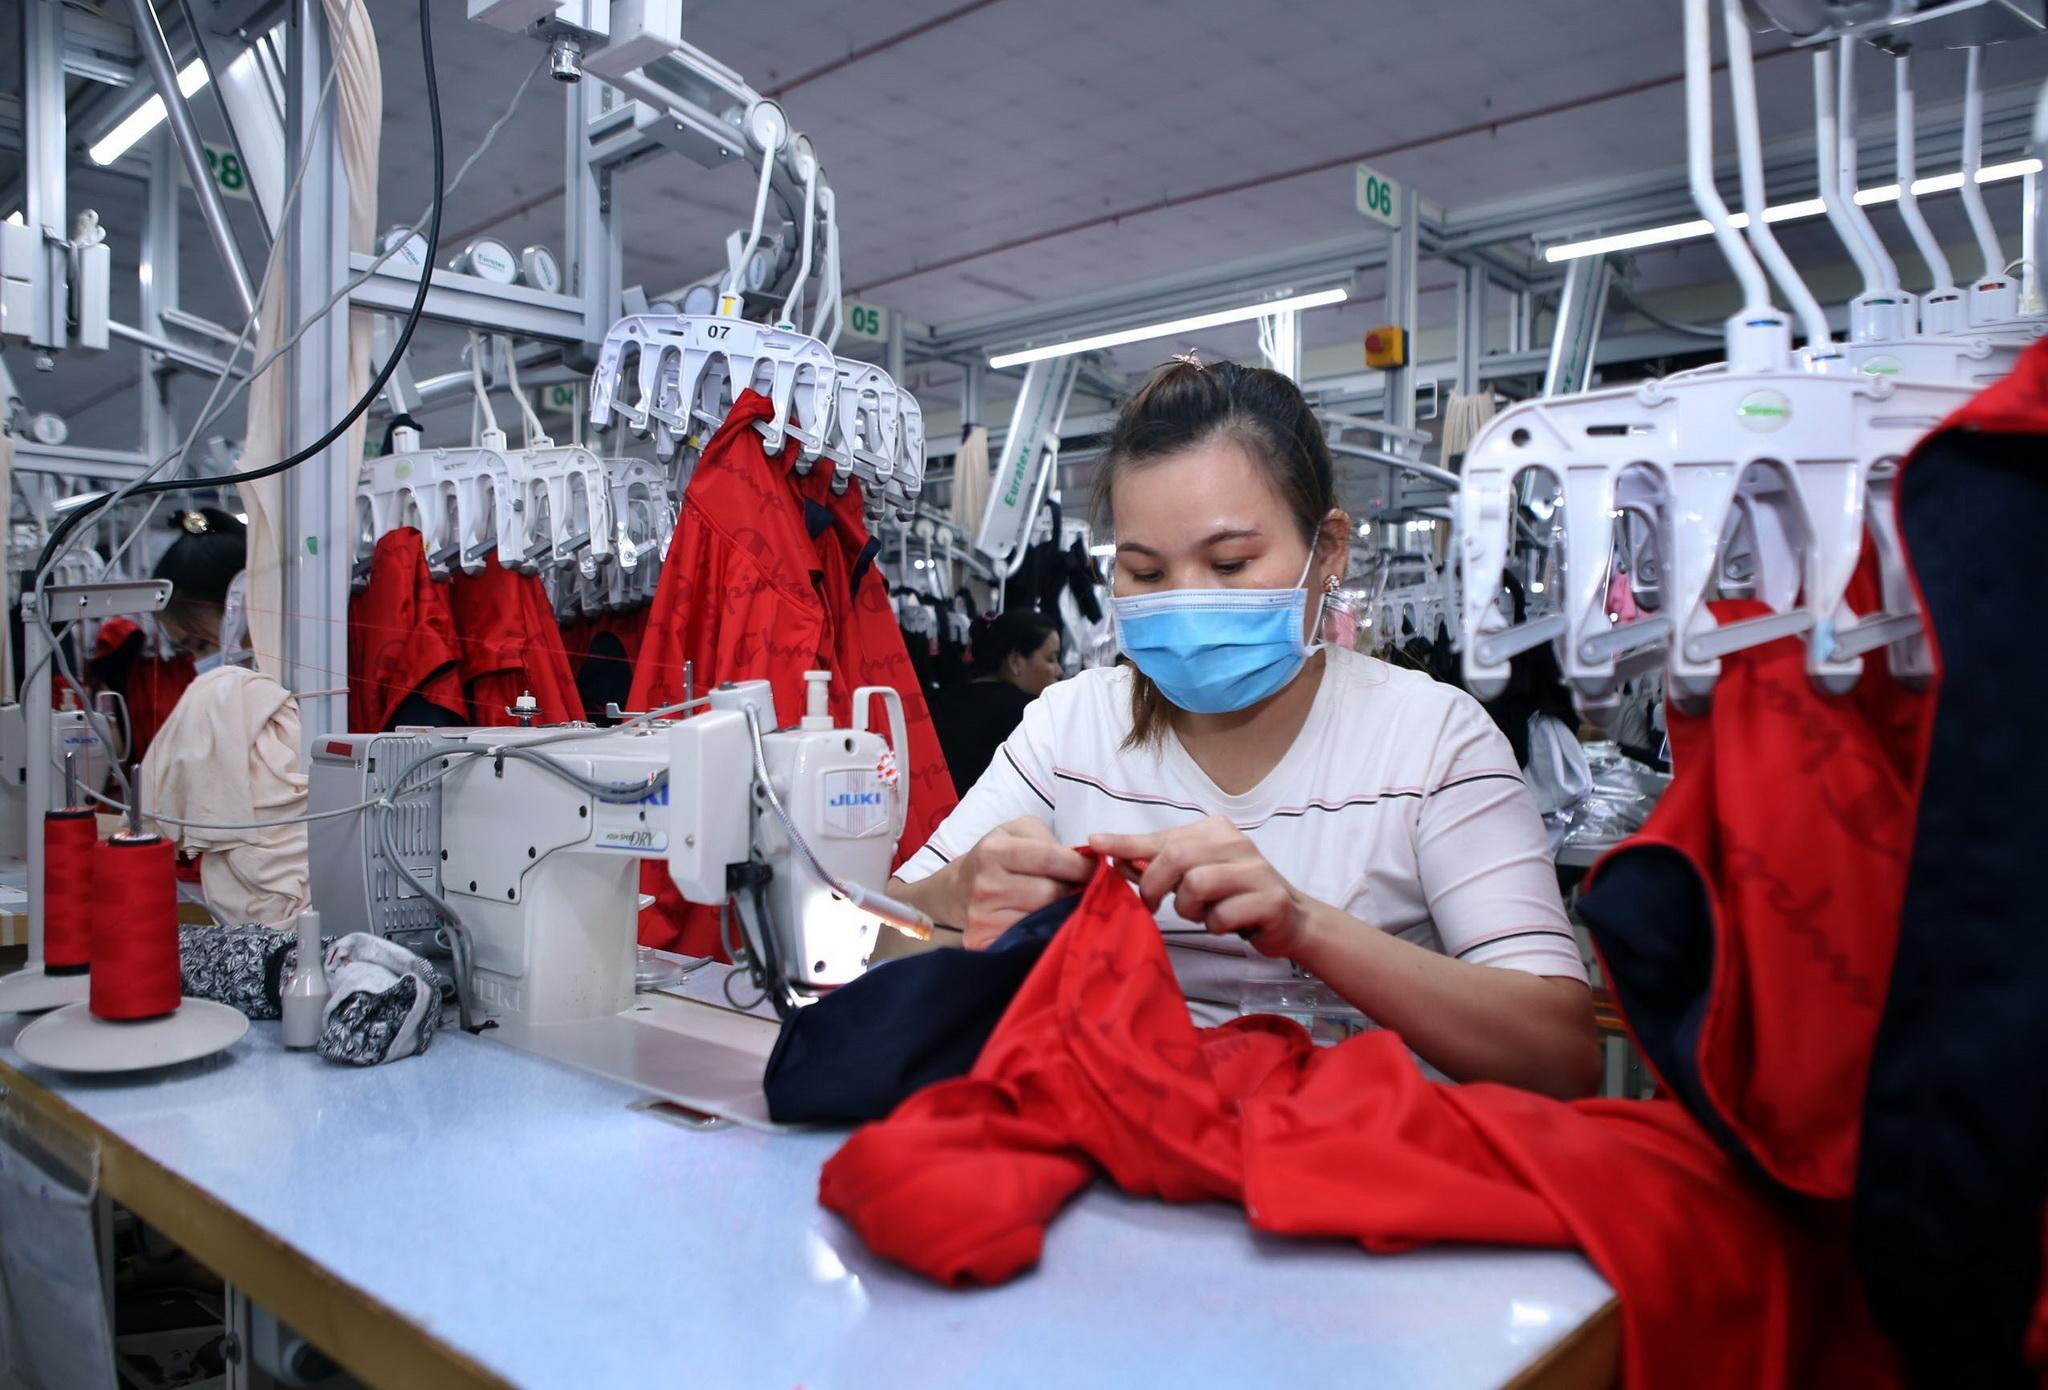 Dây chuyền sản xuất hàng may mặc xuất khẩu tại Công ty TNHH May Accasette Garment, vốn đầu tư của Đài Loan (Trung Quốc), tại khu công nghiệp Sóng Thần 3. (Ảnh: Danh Lam/TTXVN)